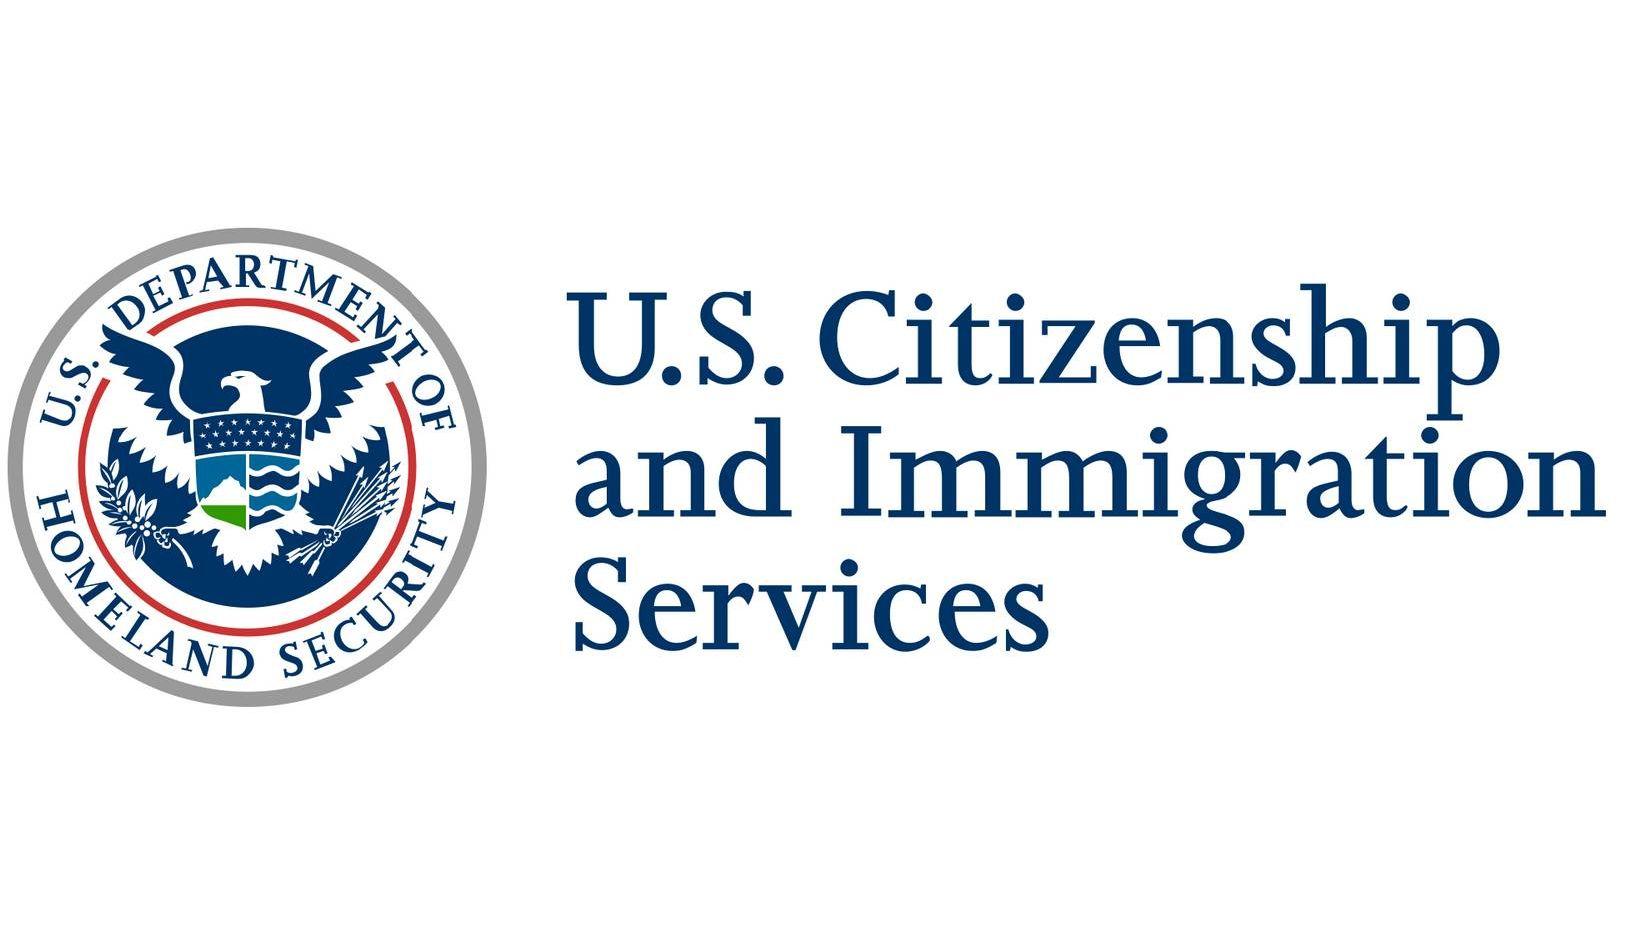 Эмблема службы гражданства и иммиграции США